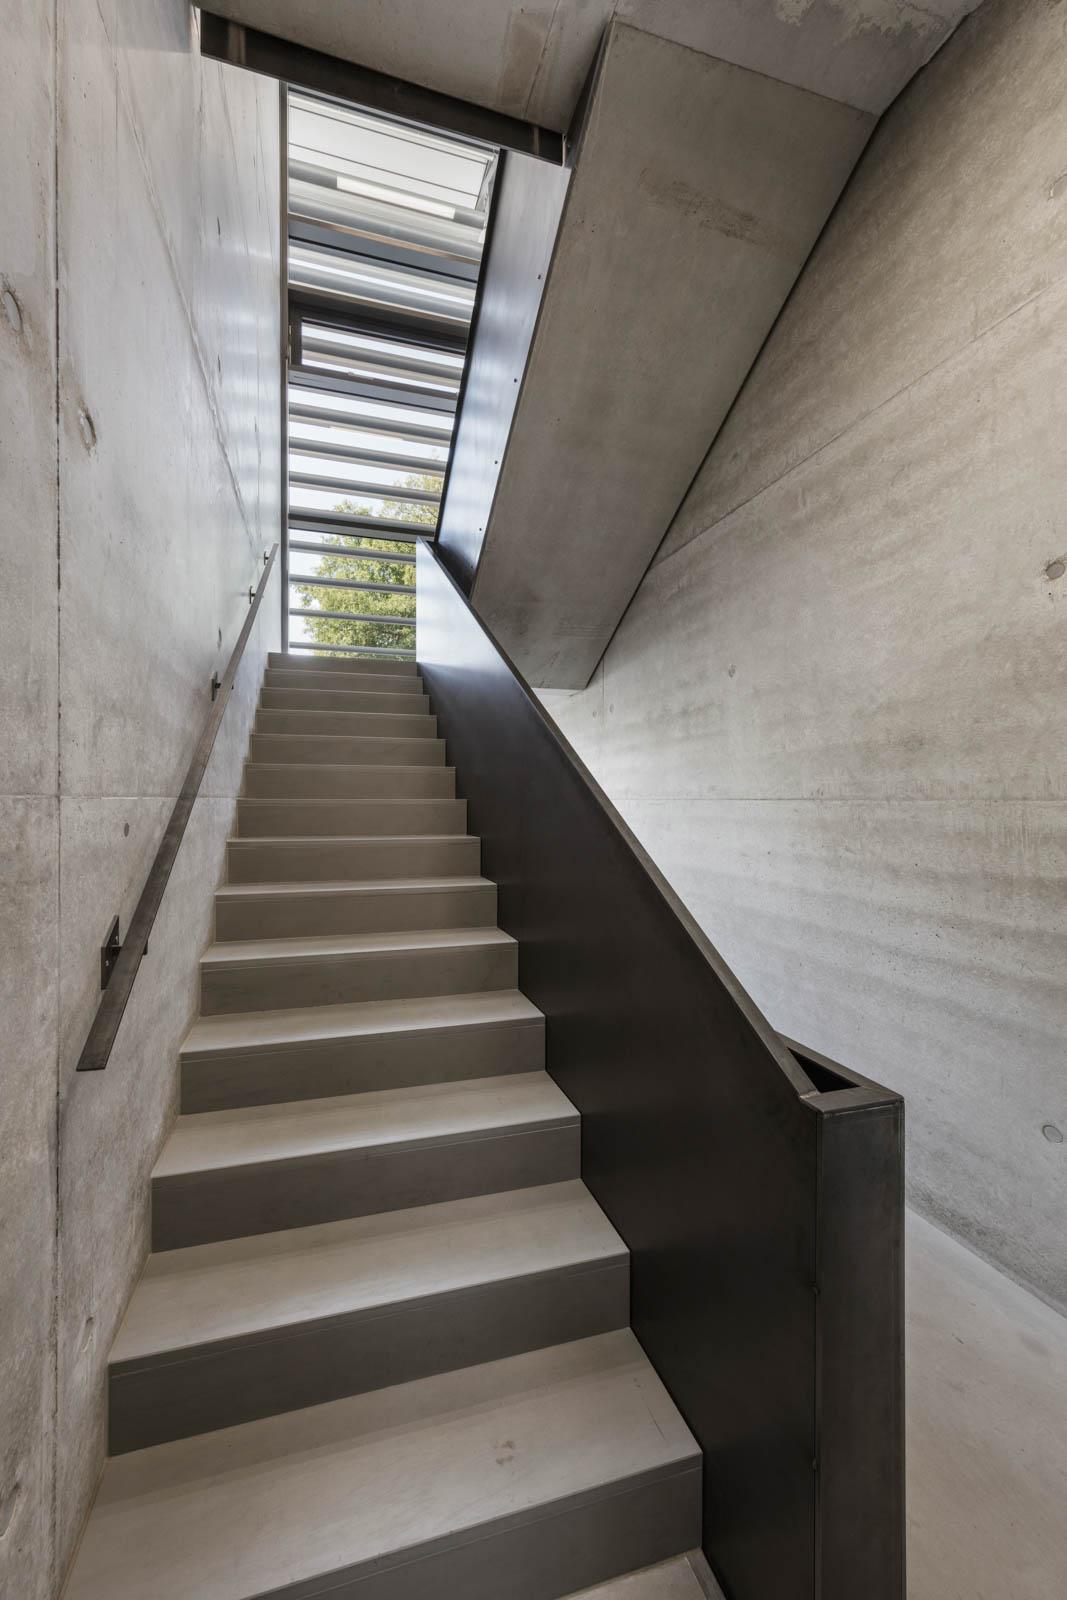 Nickel und Wachter Architekten - Stettler Treppenhaus